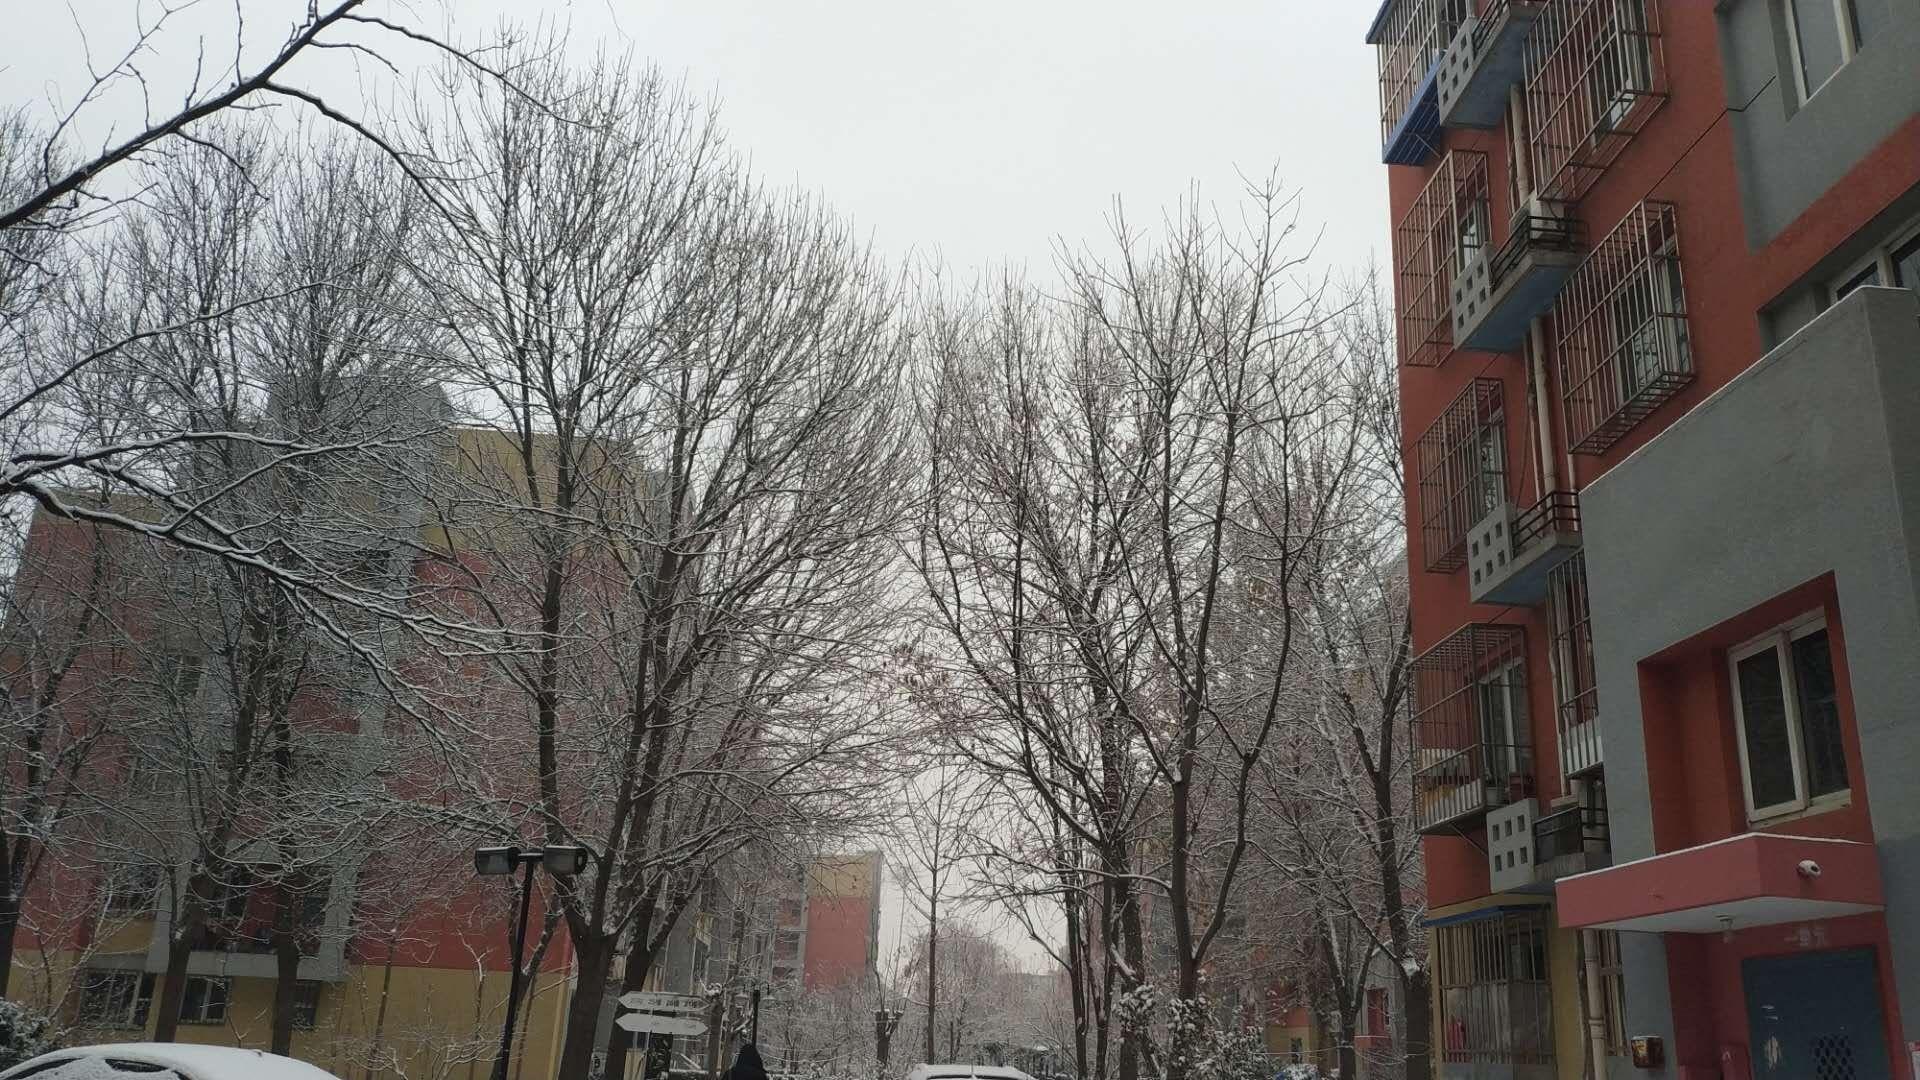 《长相思·雪》